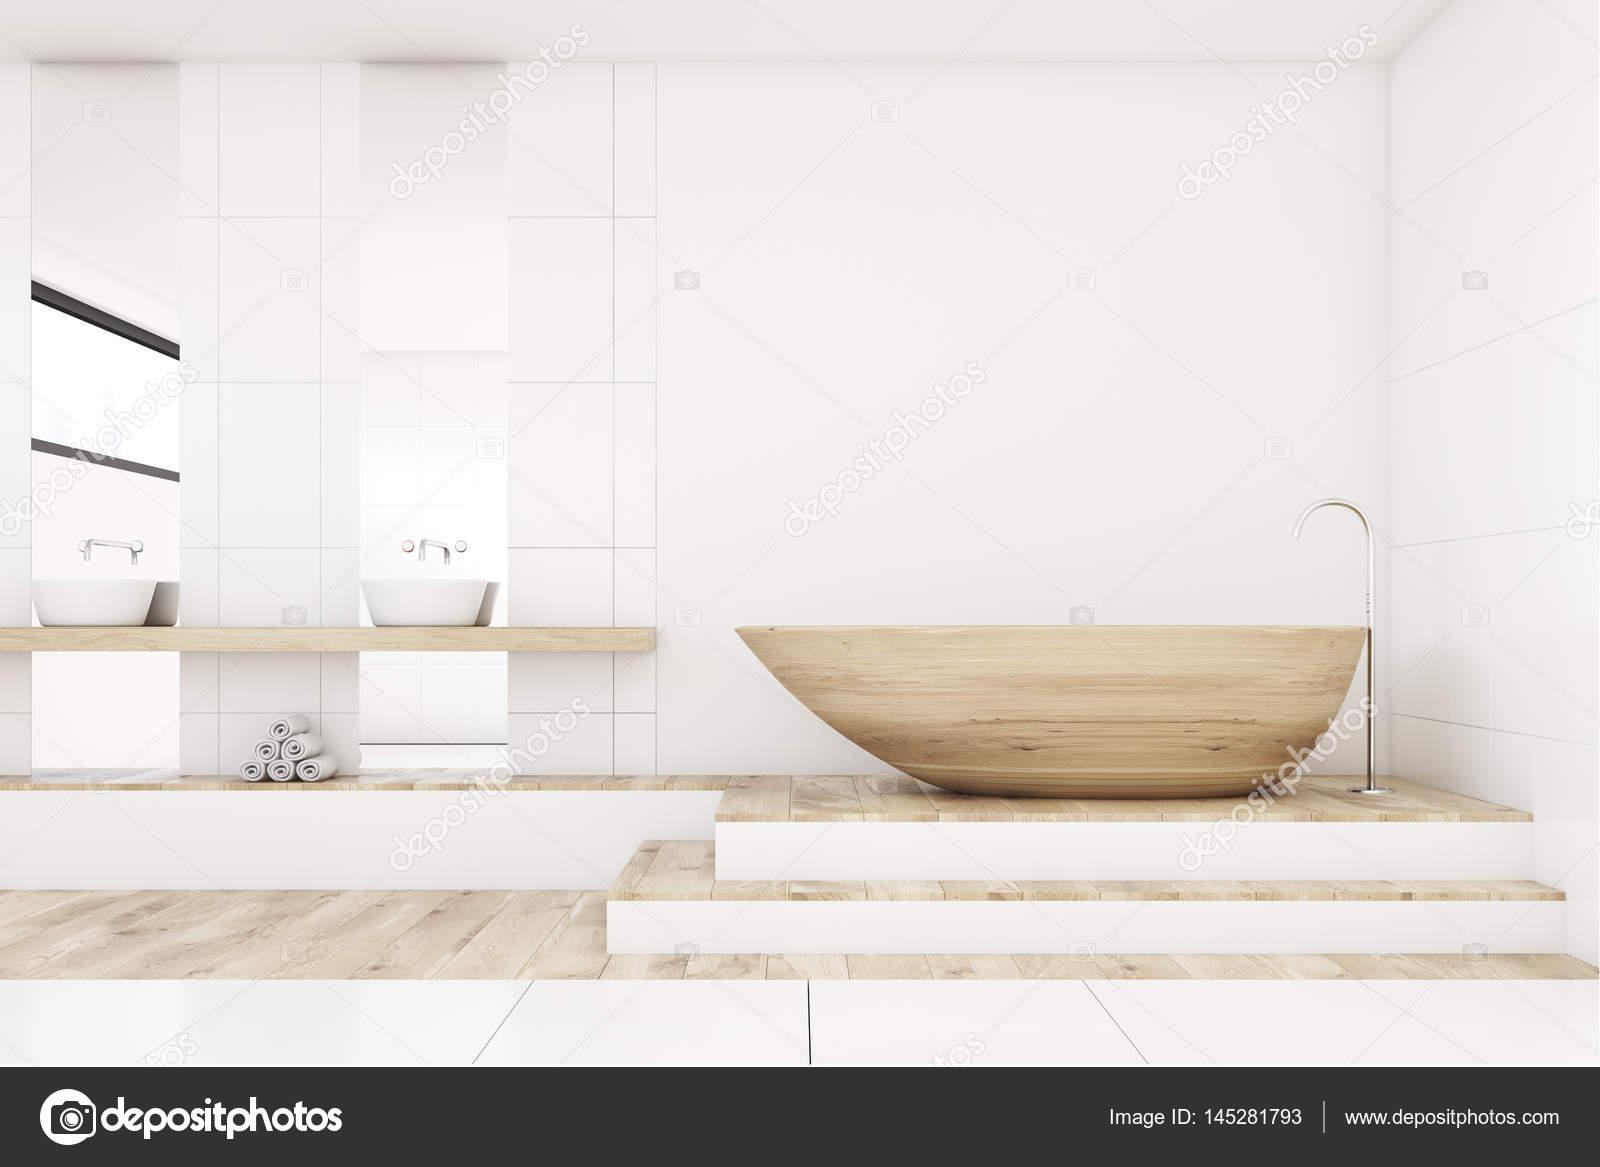 Badkamer met twee spiegels, hout, voorzijde — Stockfoto ...